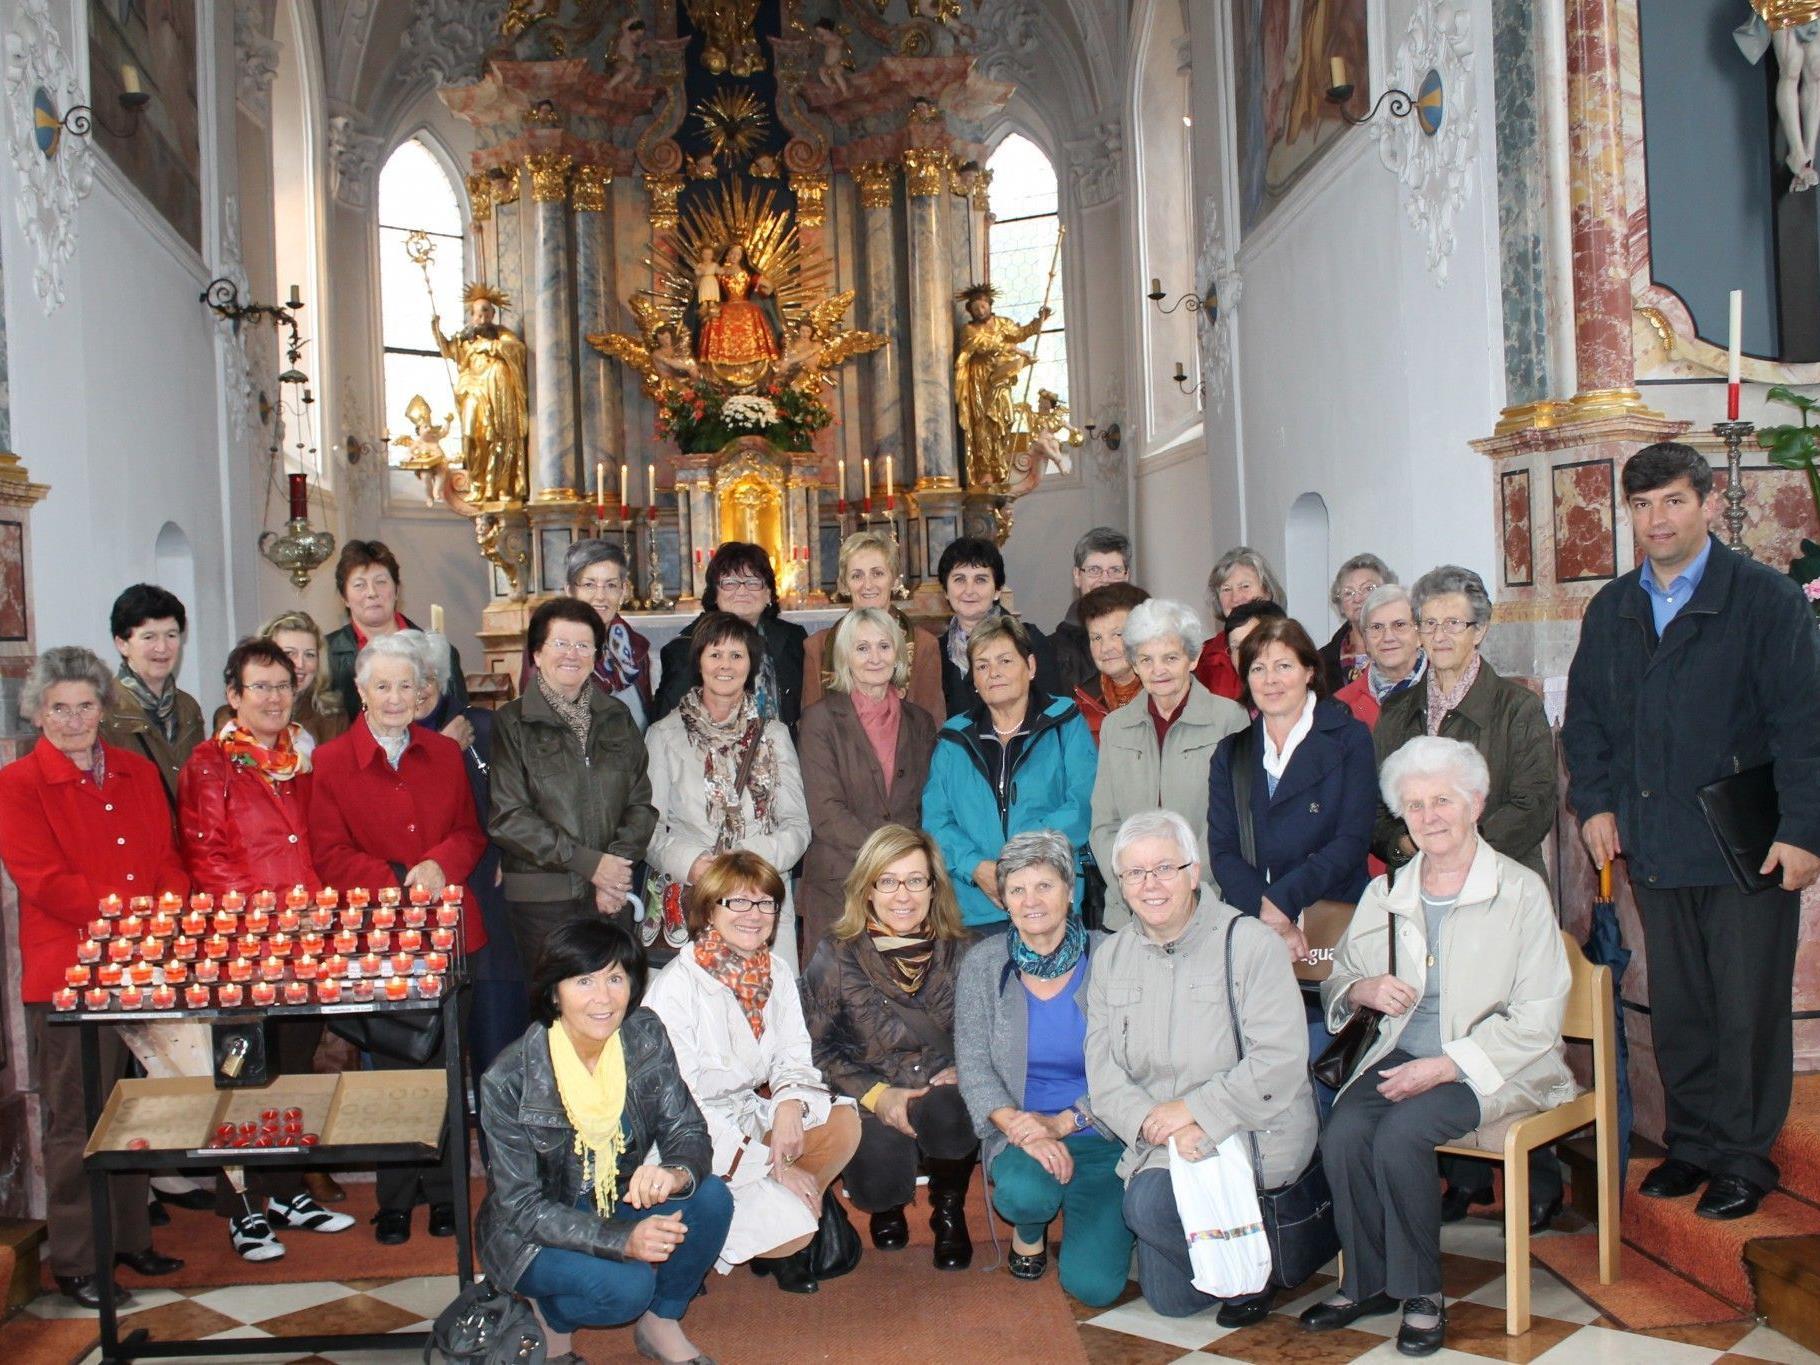 Pilgerinnen aus Ludesch mit Pfarrer in der Wallfahrtskirche